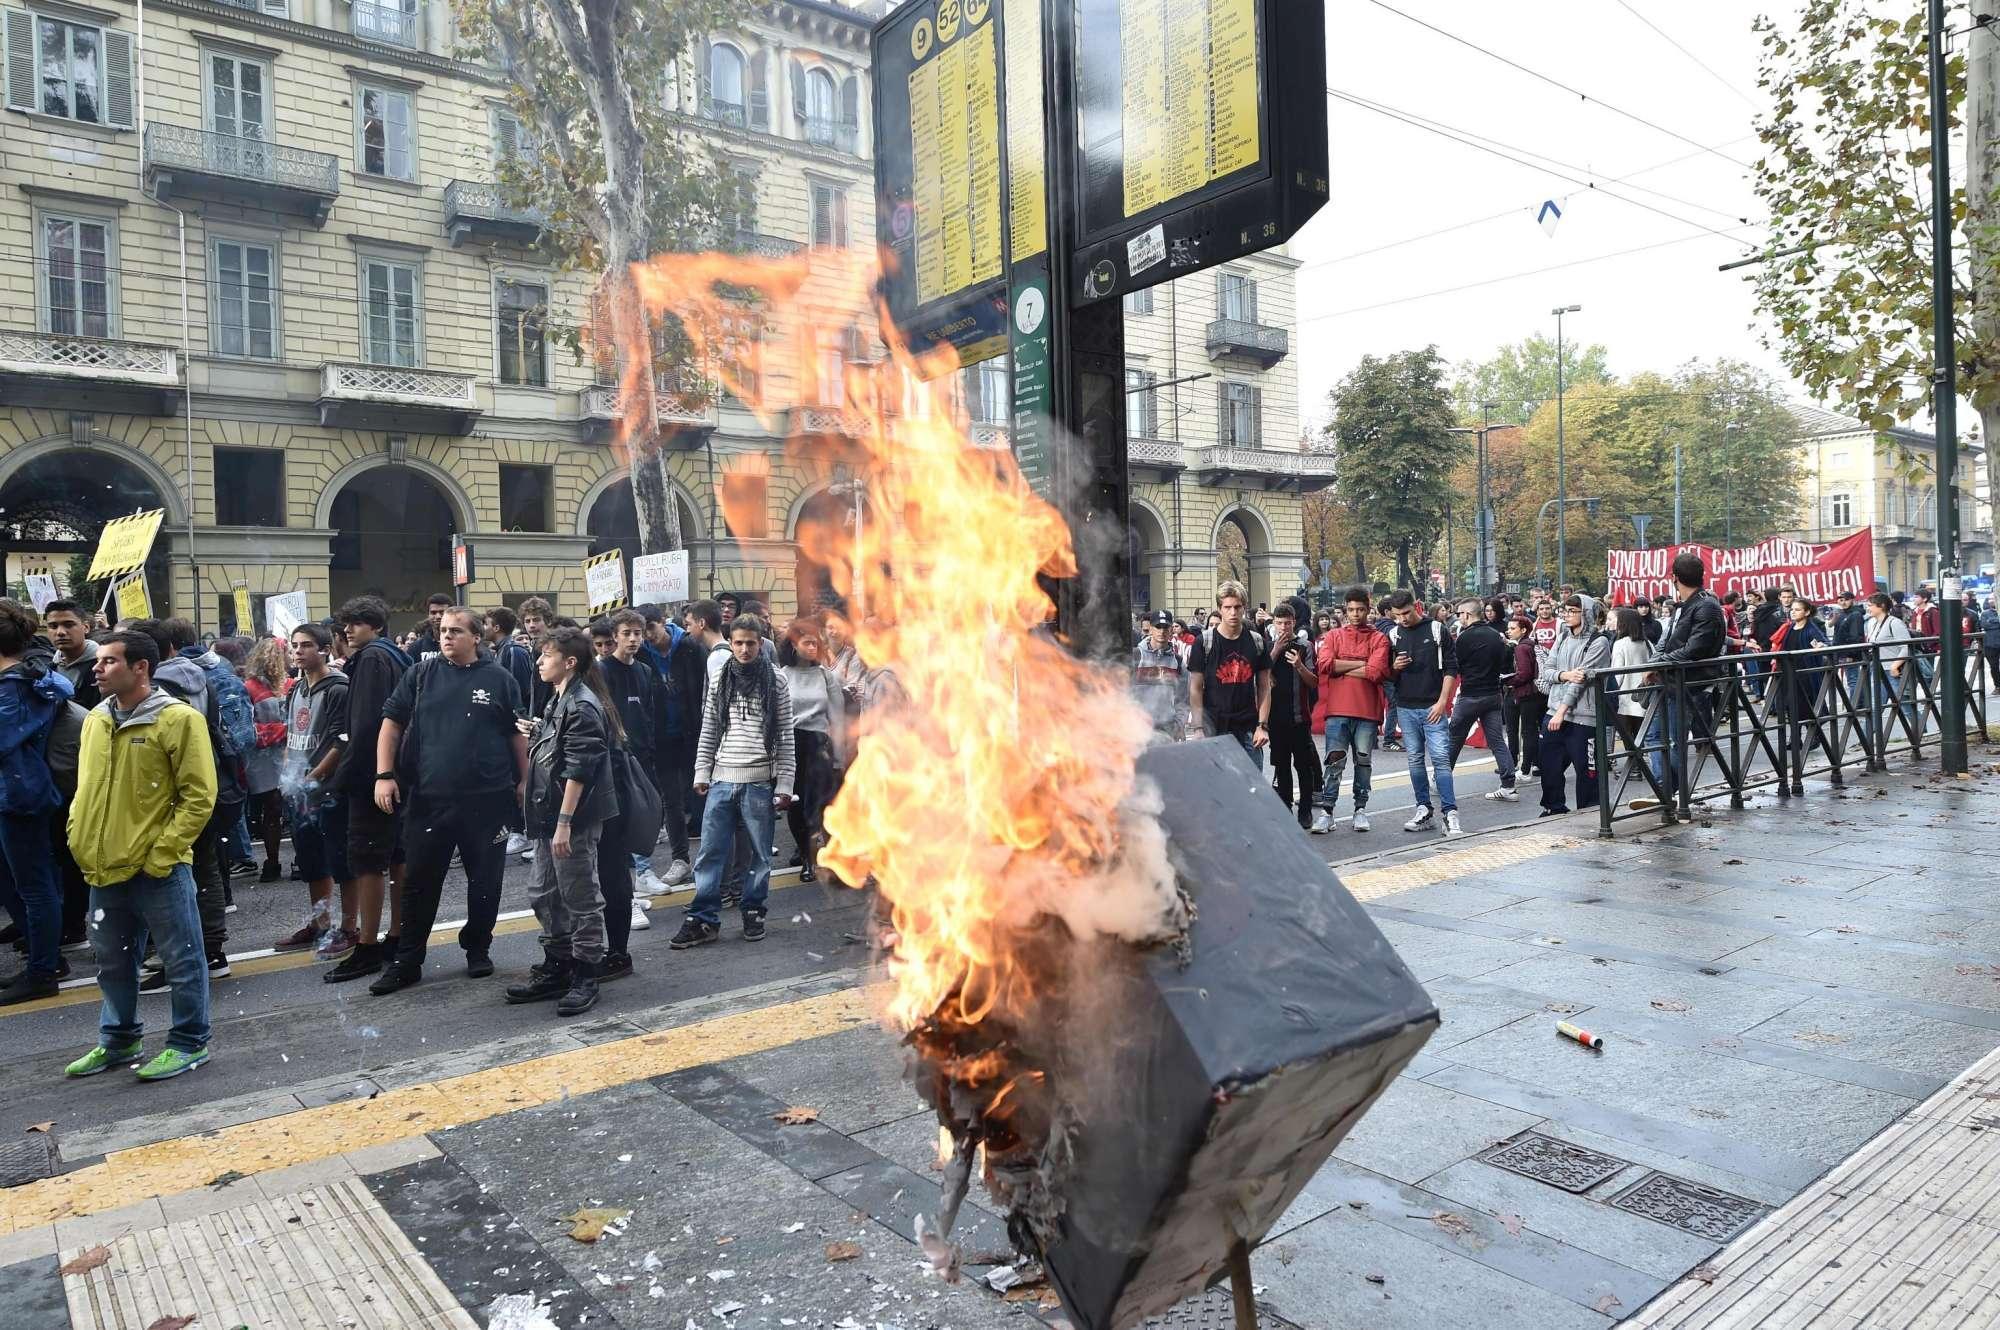 La scuola scende in piazza:  No al governo del cambiamento